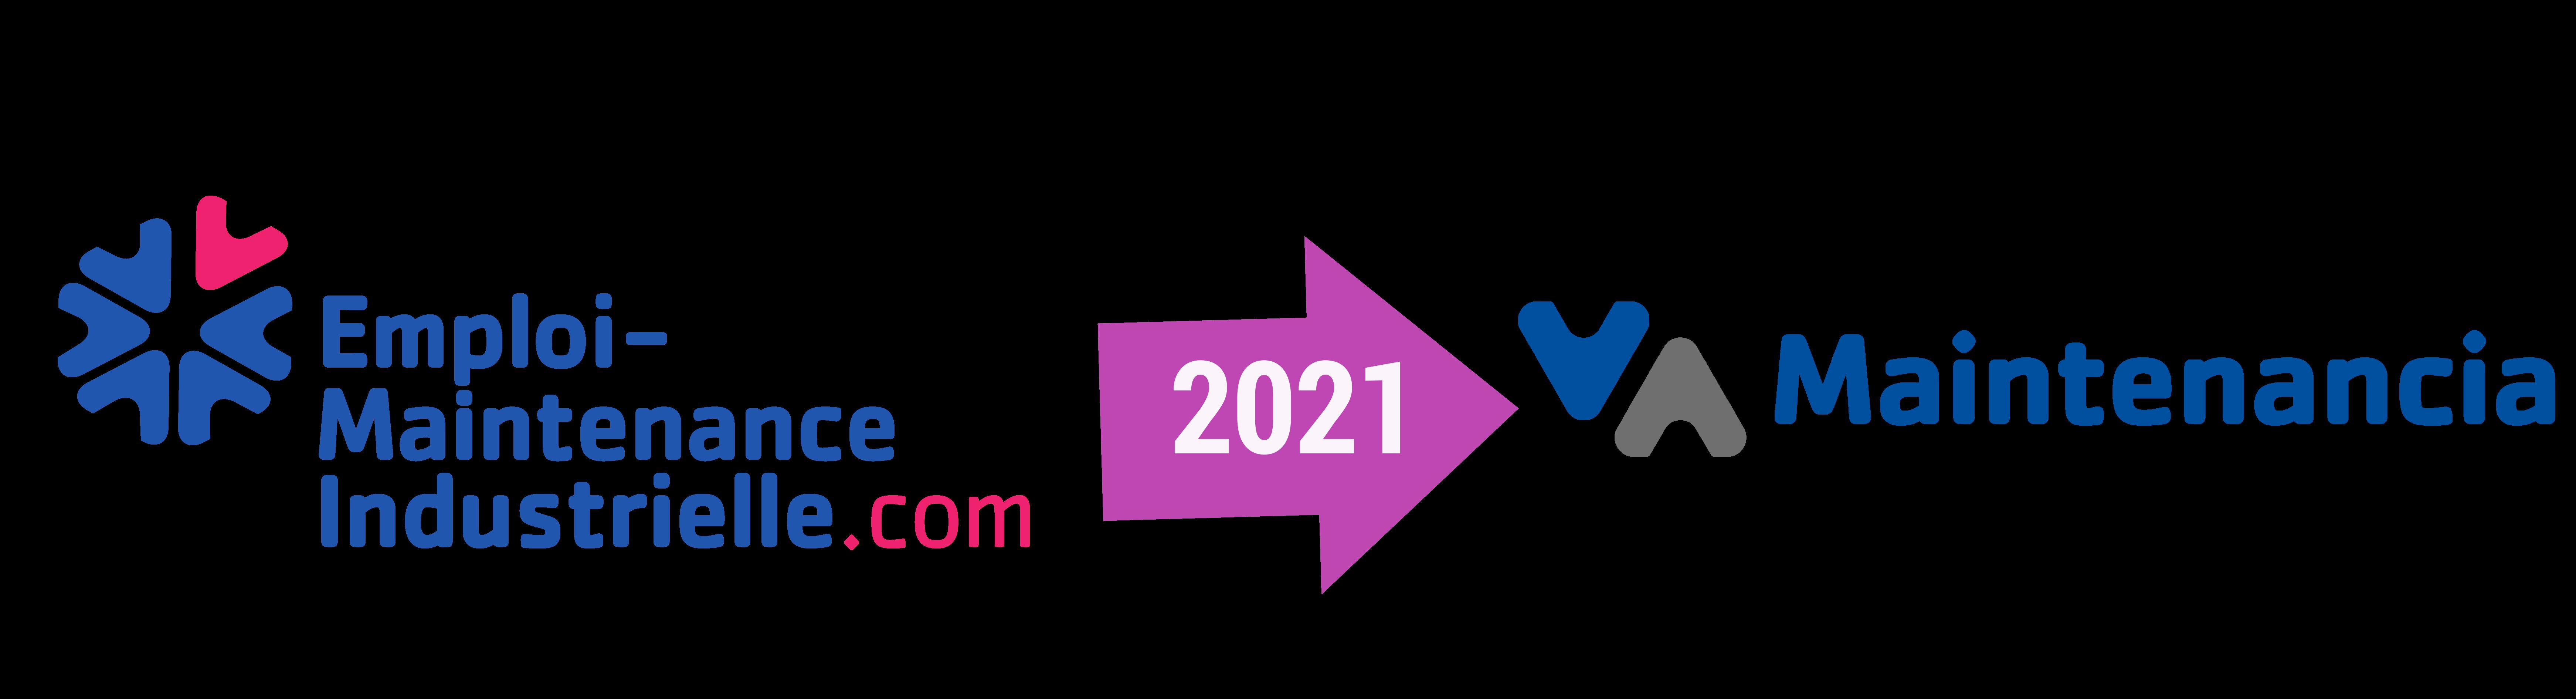 2021: Emploi-MaintenanceIndustrielle devient Maintenancia